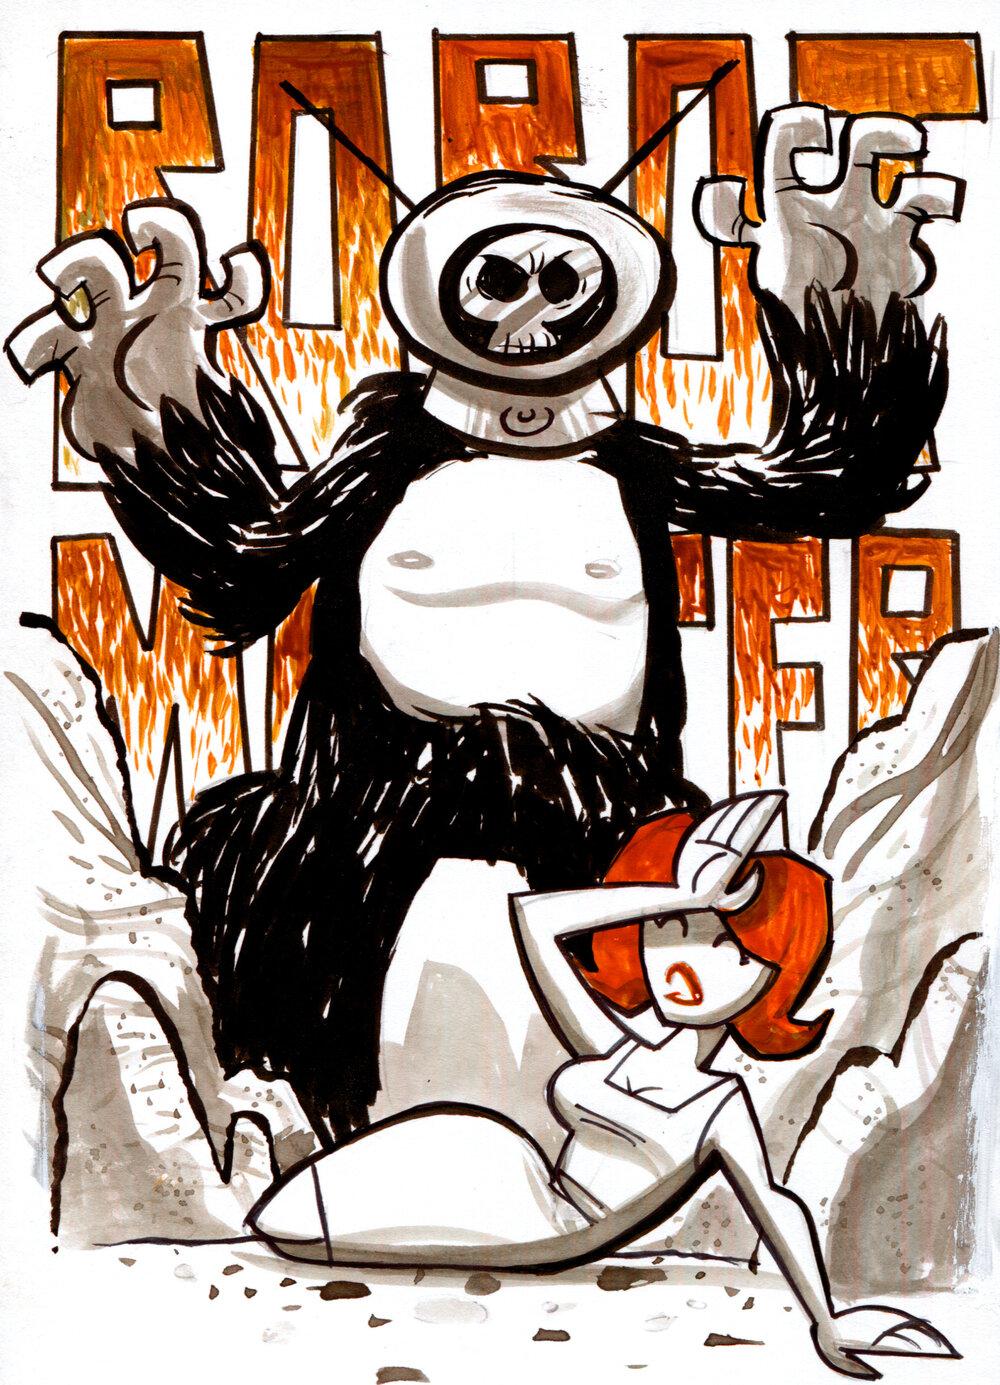 Robot Monster!